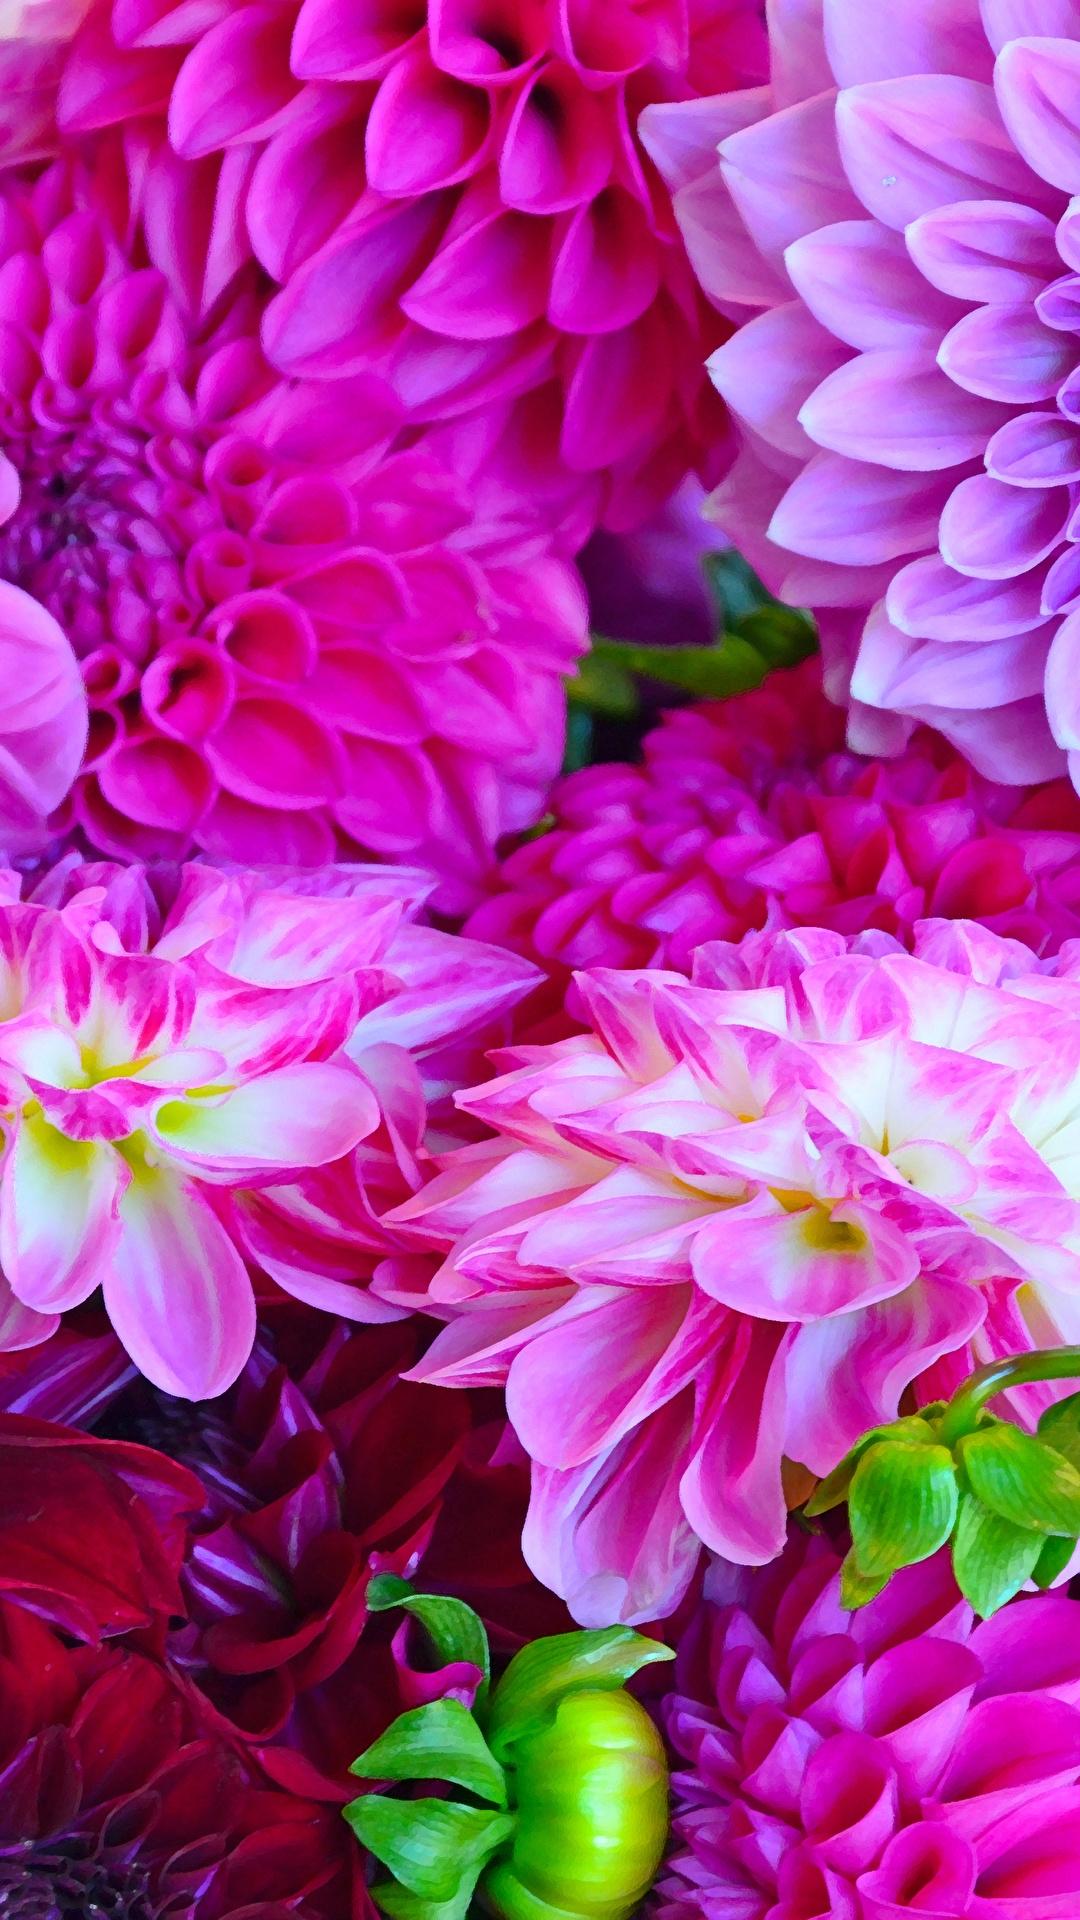 Обои на телефон цветы фиолетовые  Обои на Телефон Цветы